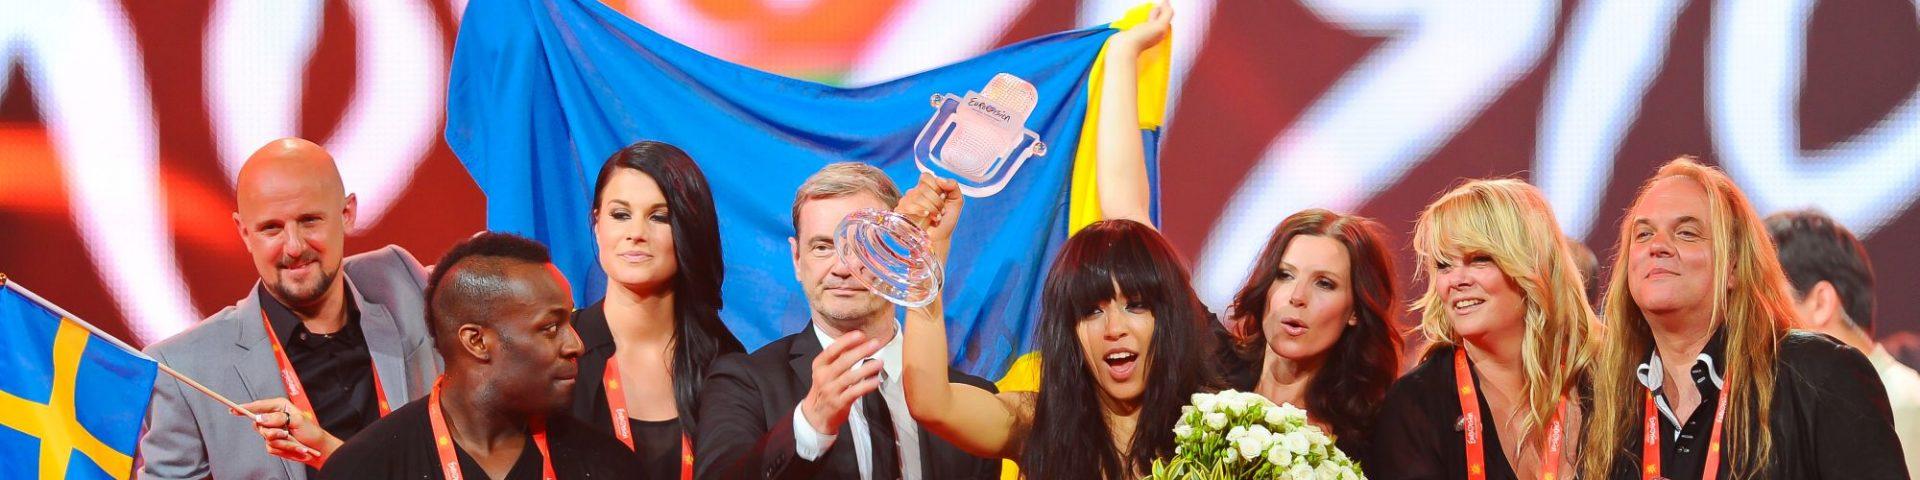 Eurovision Song Contest rimandato?